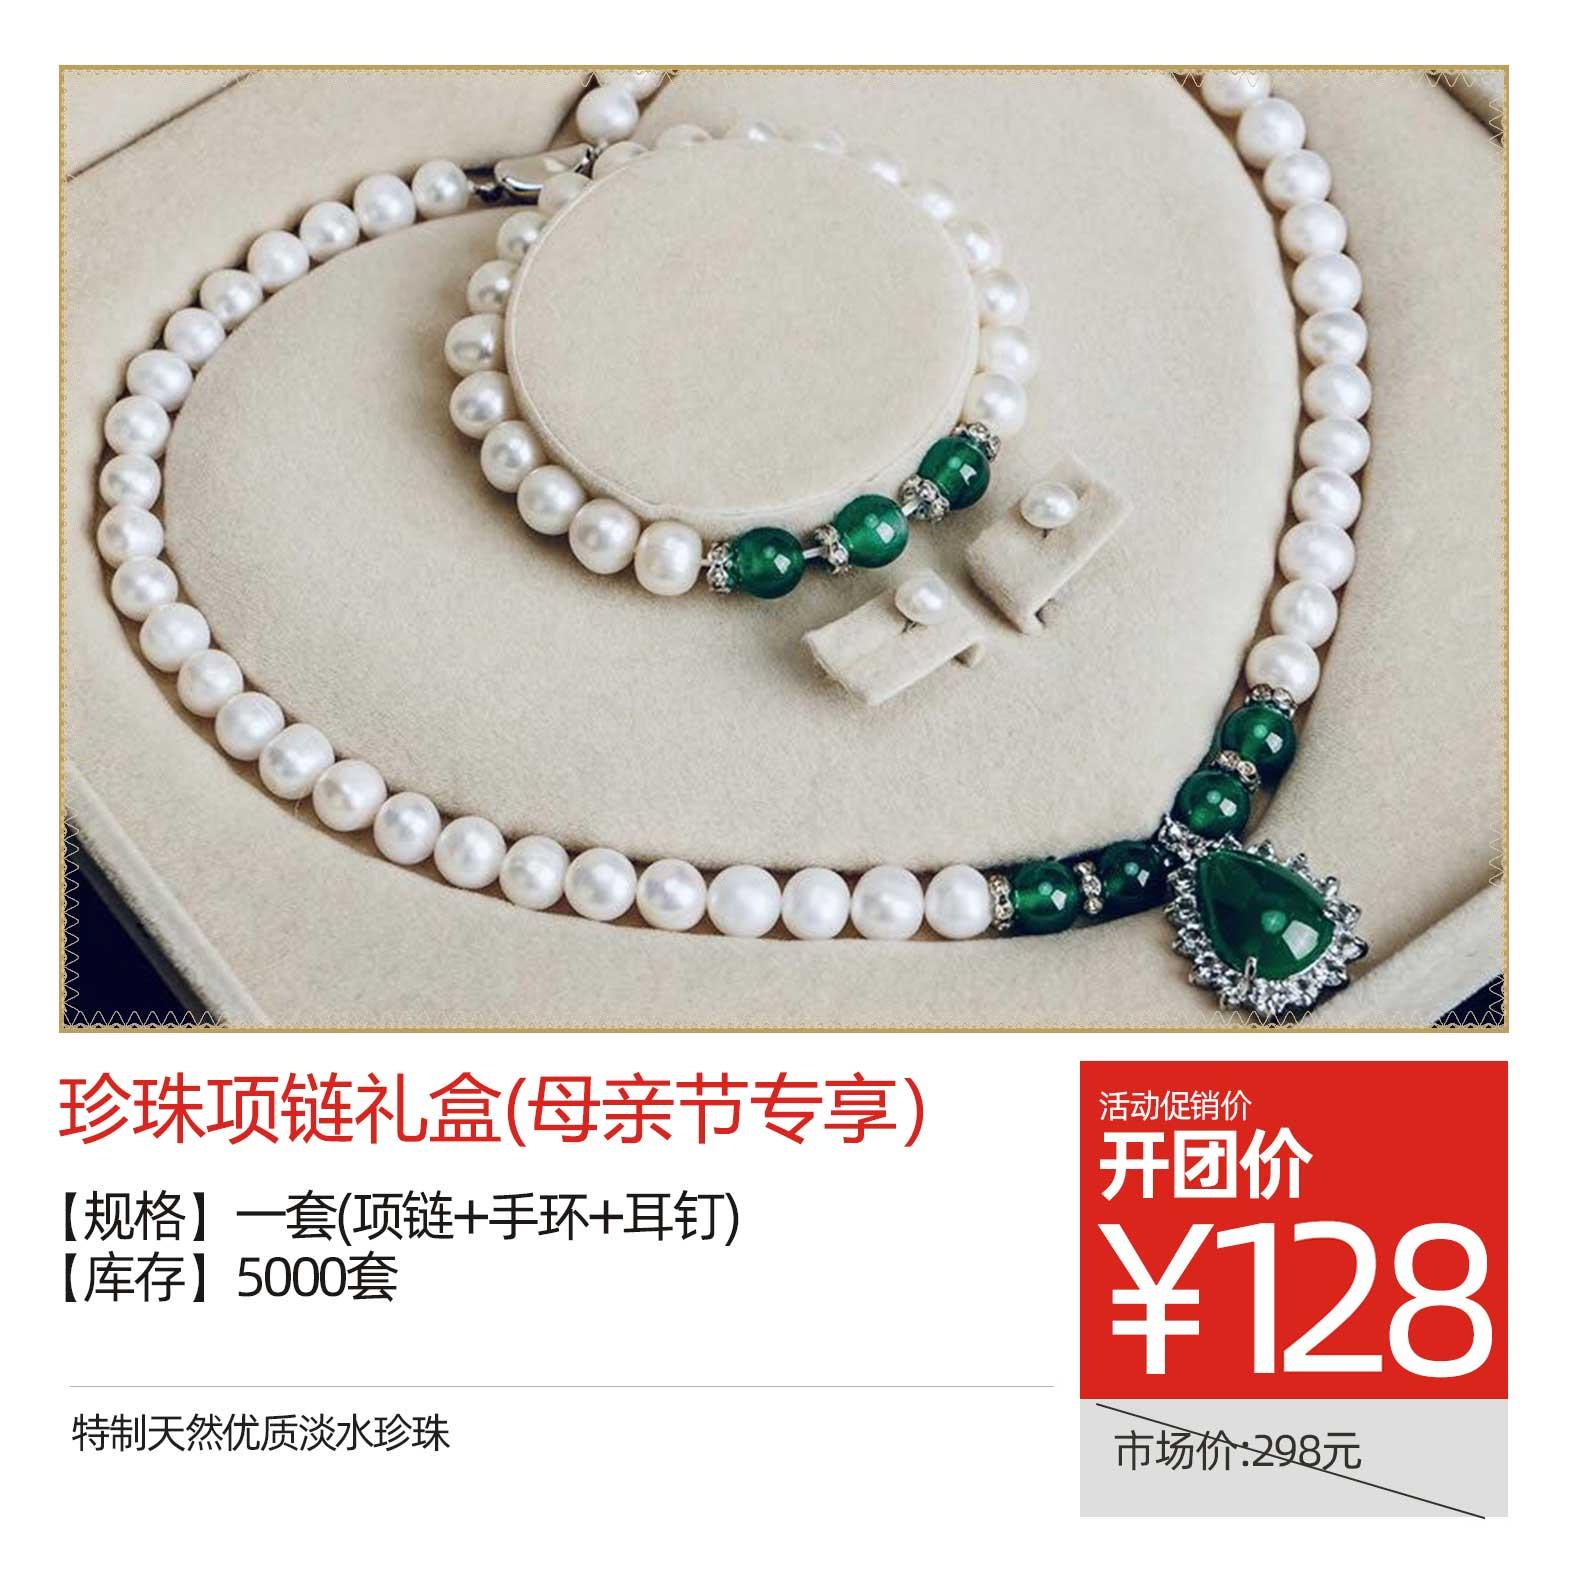 珍珠项链礼盒(母亲节专享)